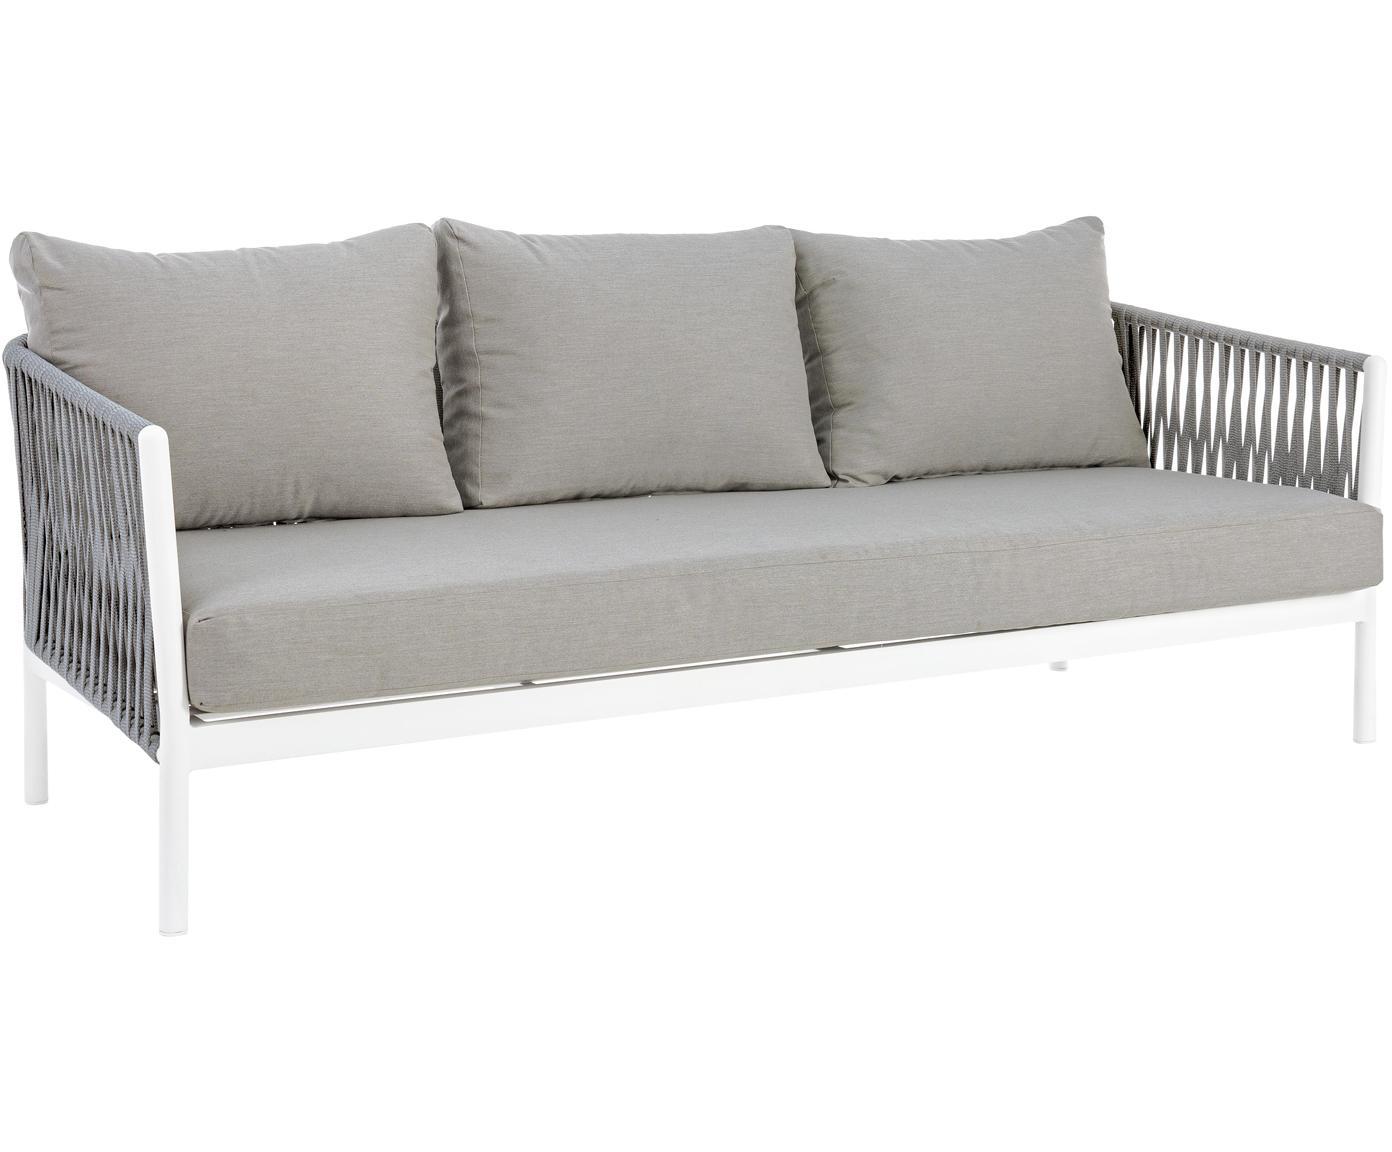 Outdoor bank Florencia (3-zits), Frame: gepoedercoat aluminium, Zitvlak: polyester, Grijs, wit, B 220 x D 85 cm